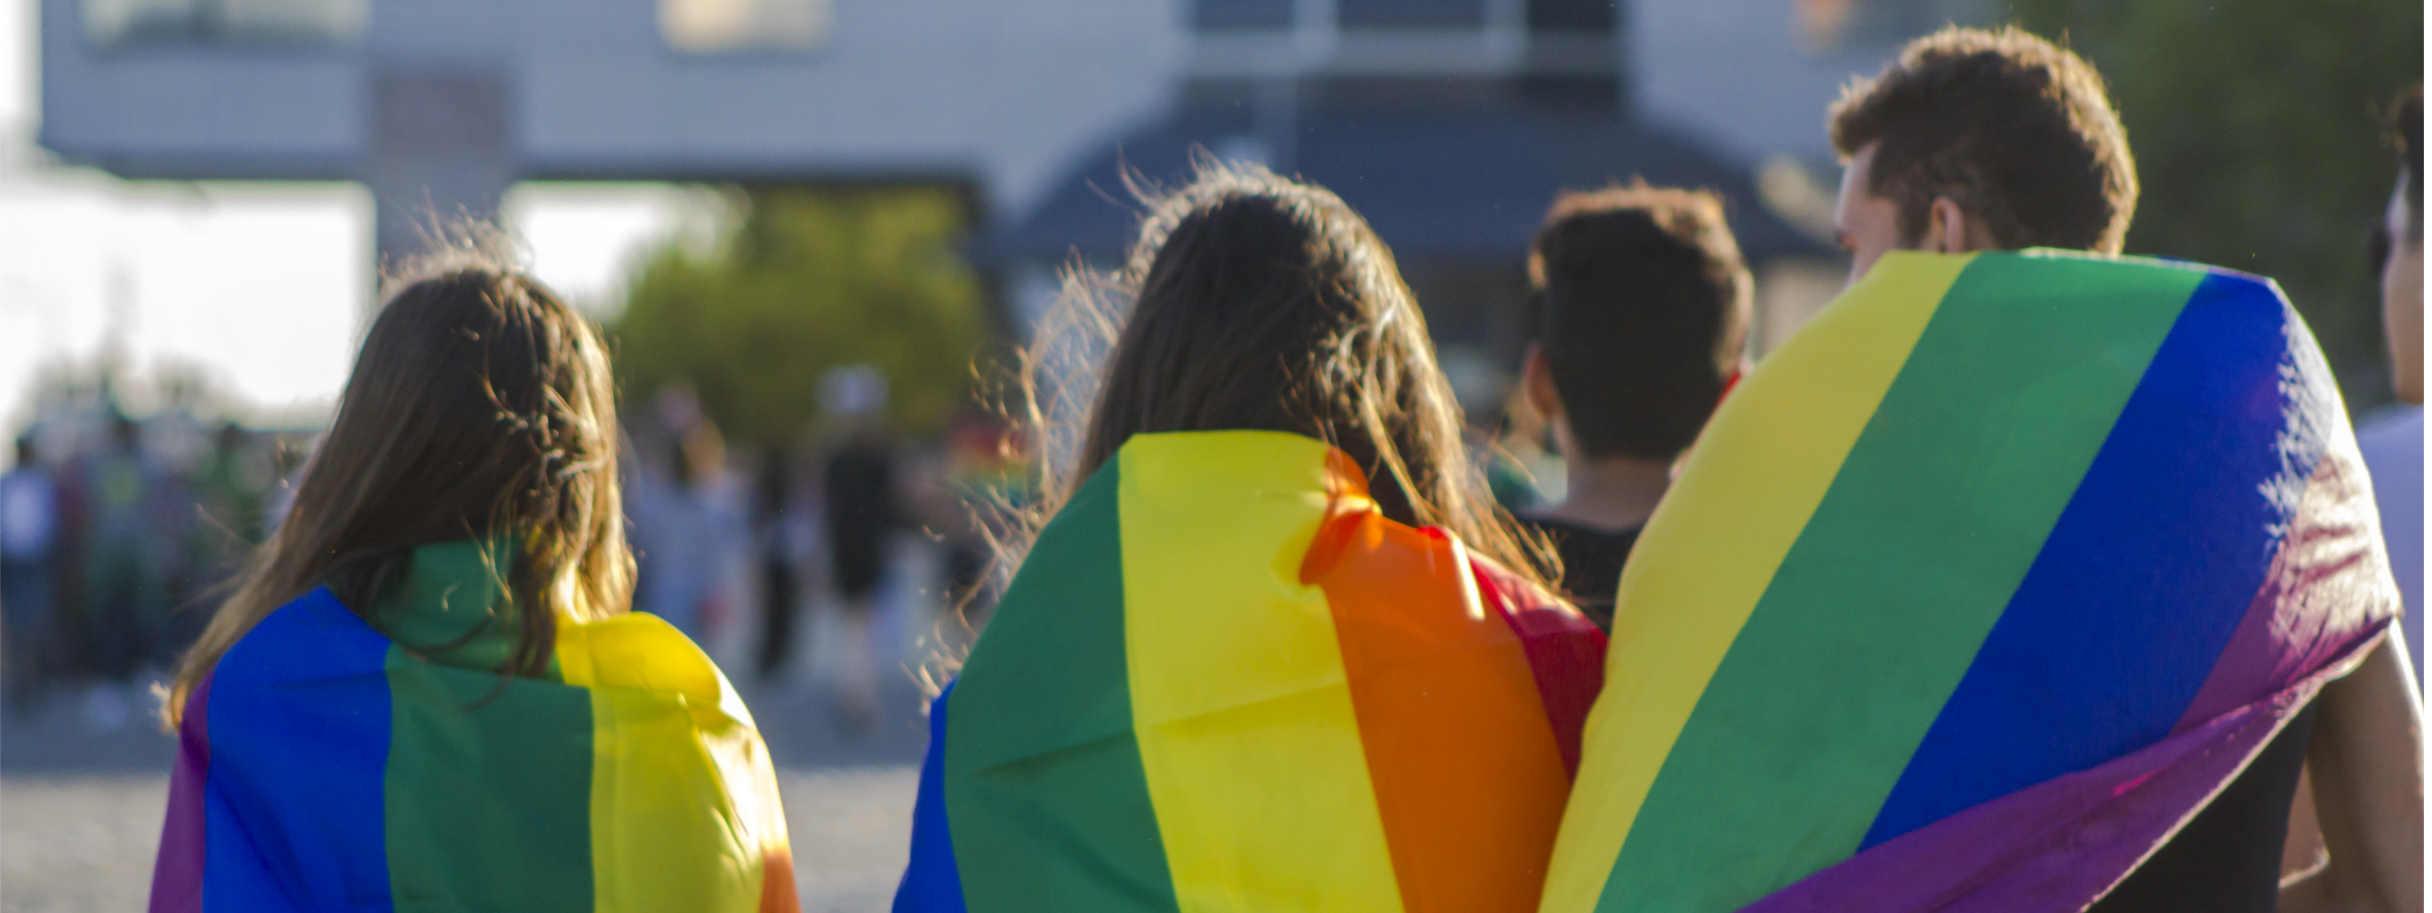 casamento LGBTQ+ no blockchain